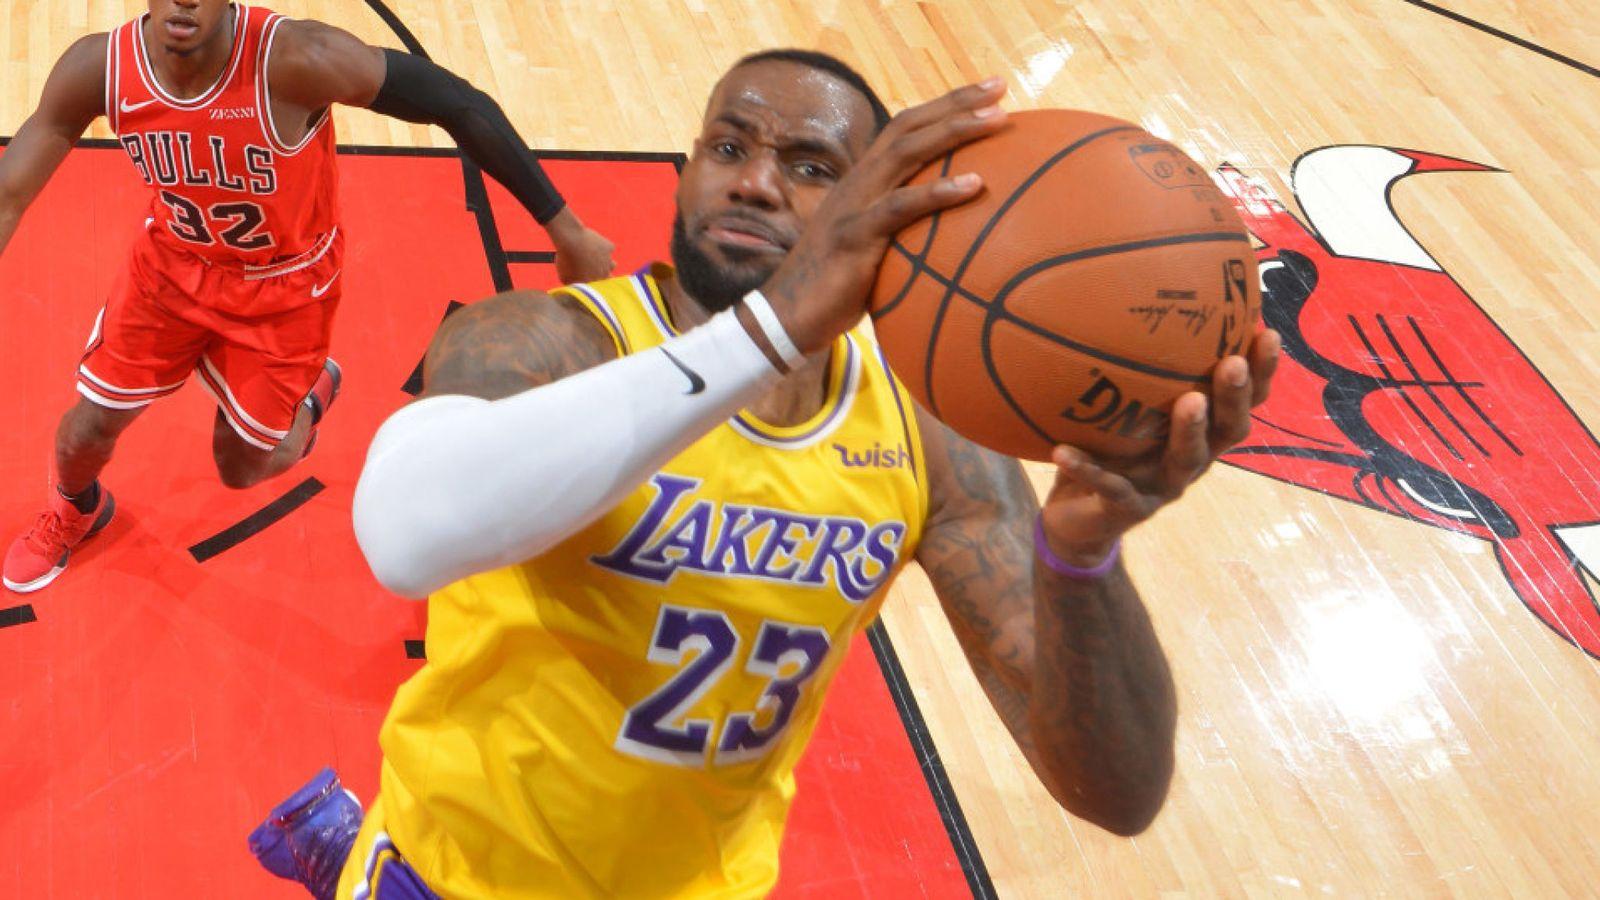 LeBron James gati, e karikon rekordi i legjendës Michael Jordan